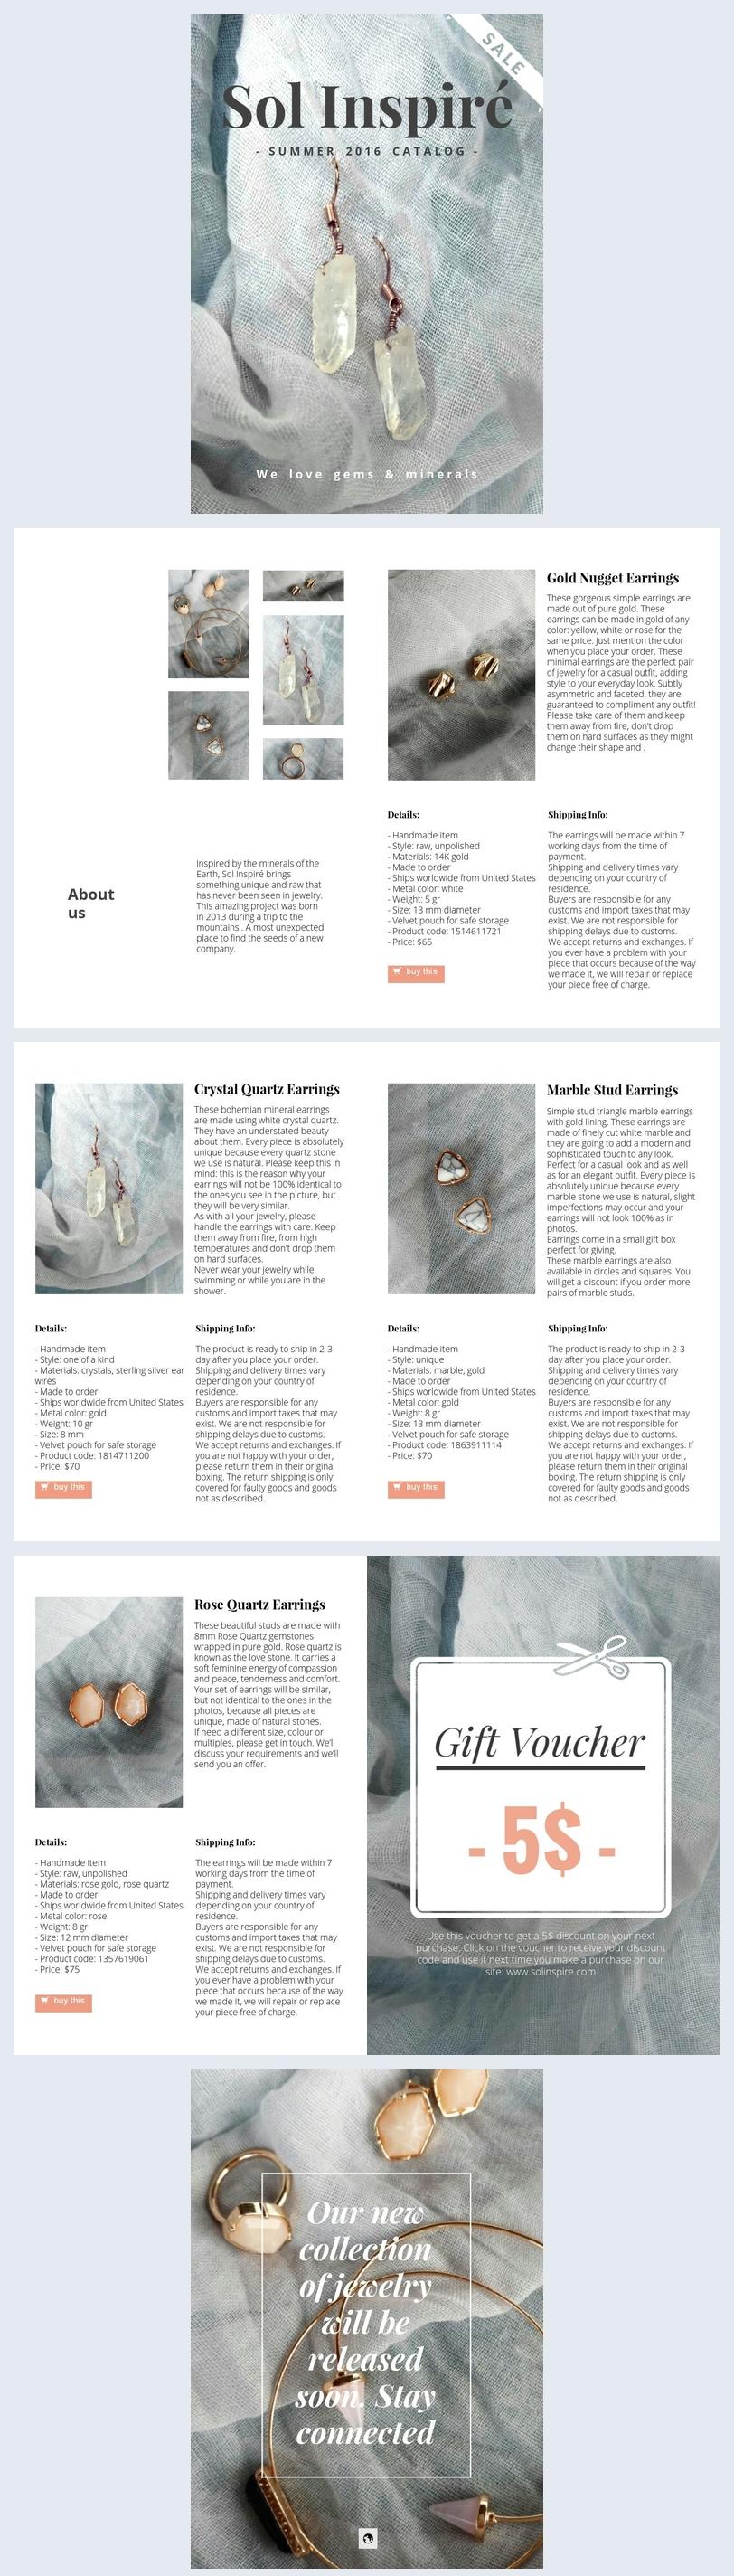 Accessories Catalog Design